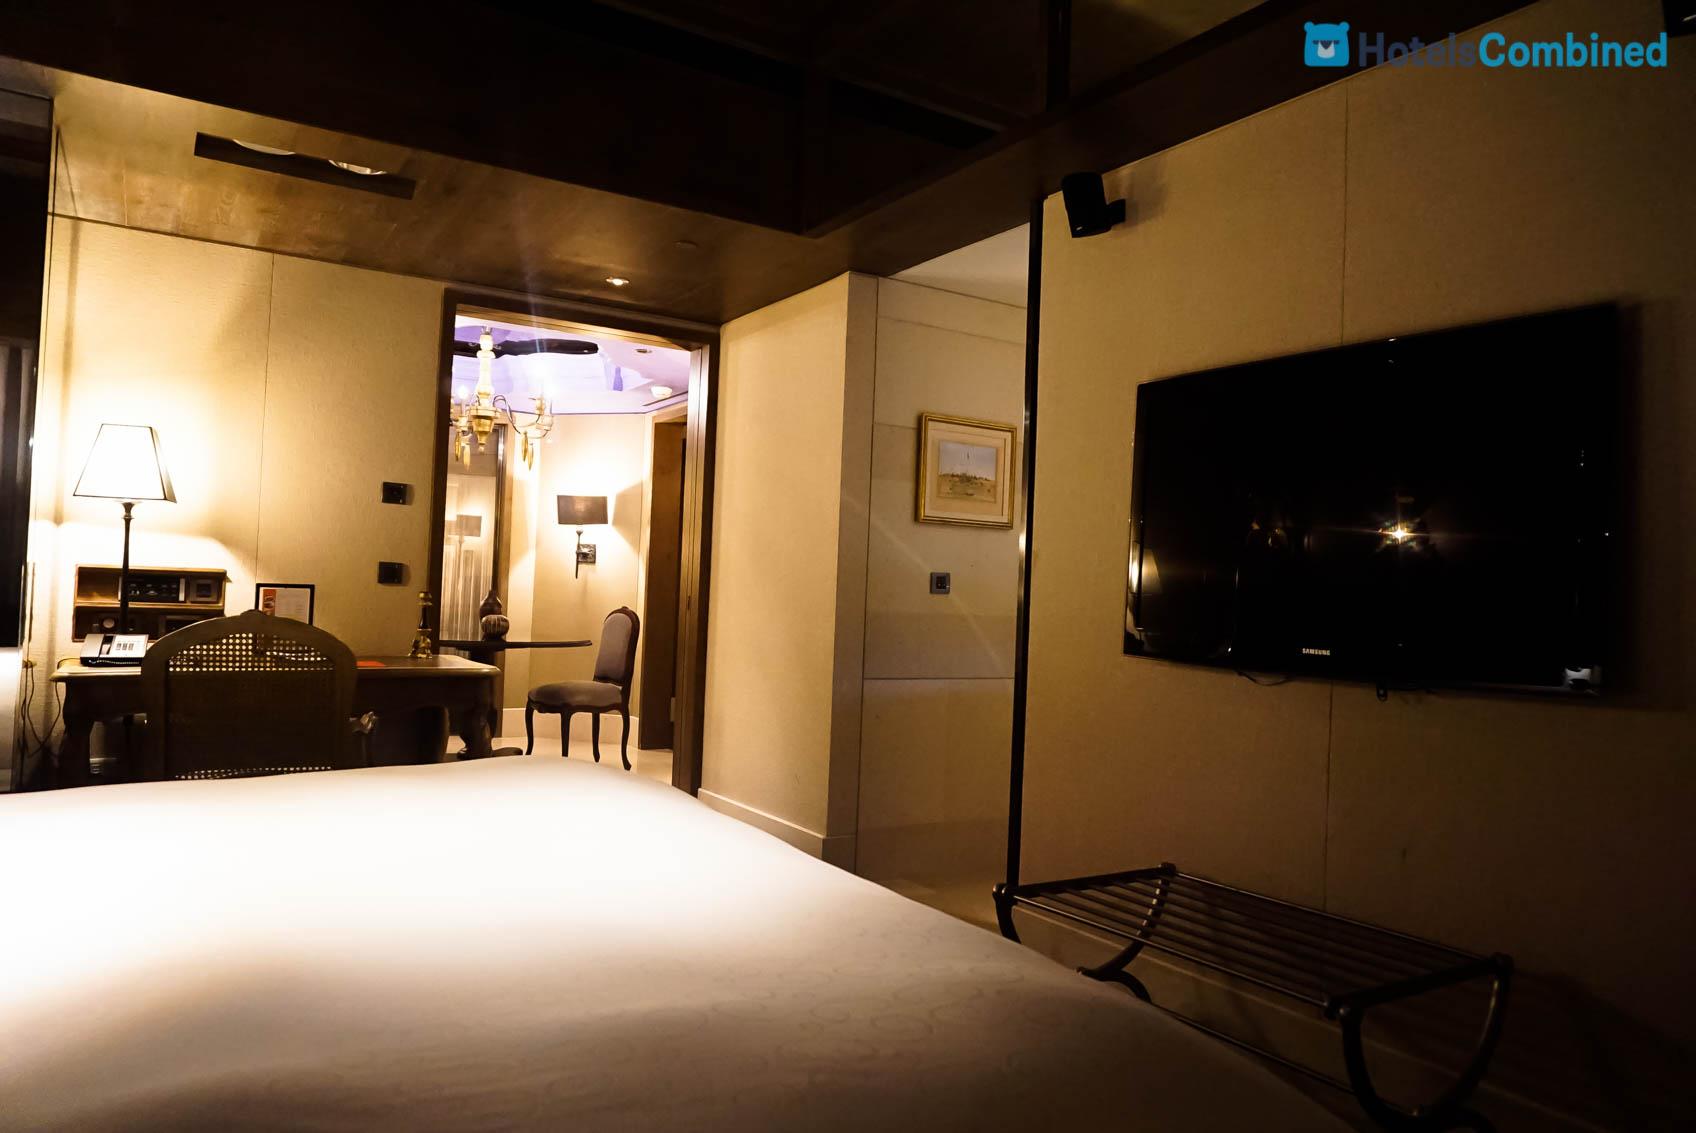 มองออกไปจากห้องนอนเป็นโซนห้องรับแขก ห้องประชมุเพลิงตรงทางเข้า